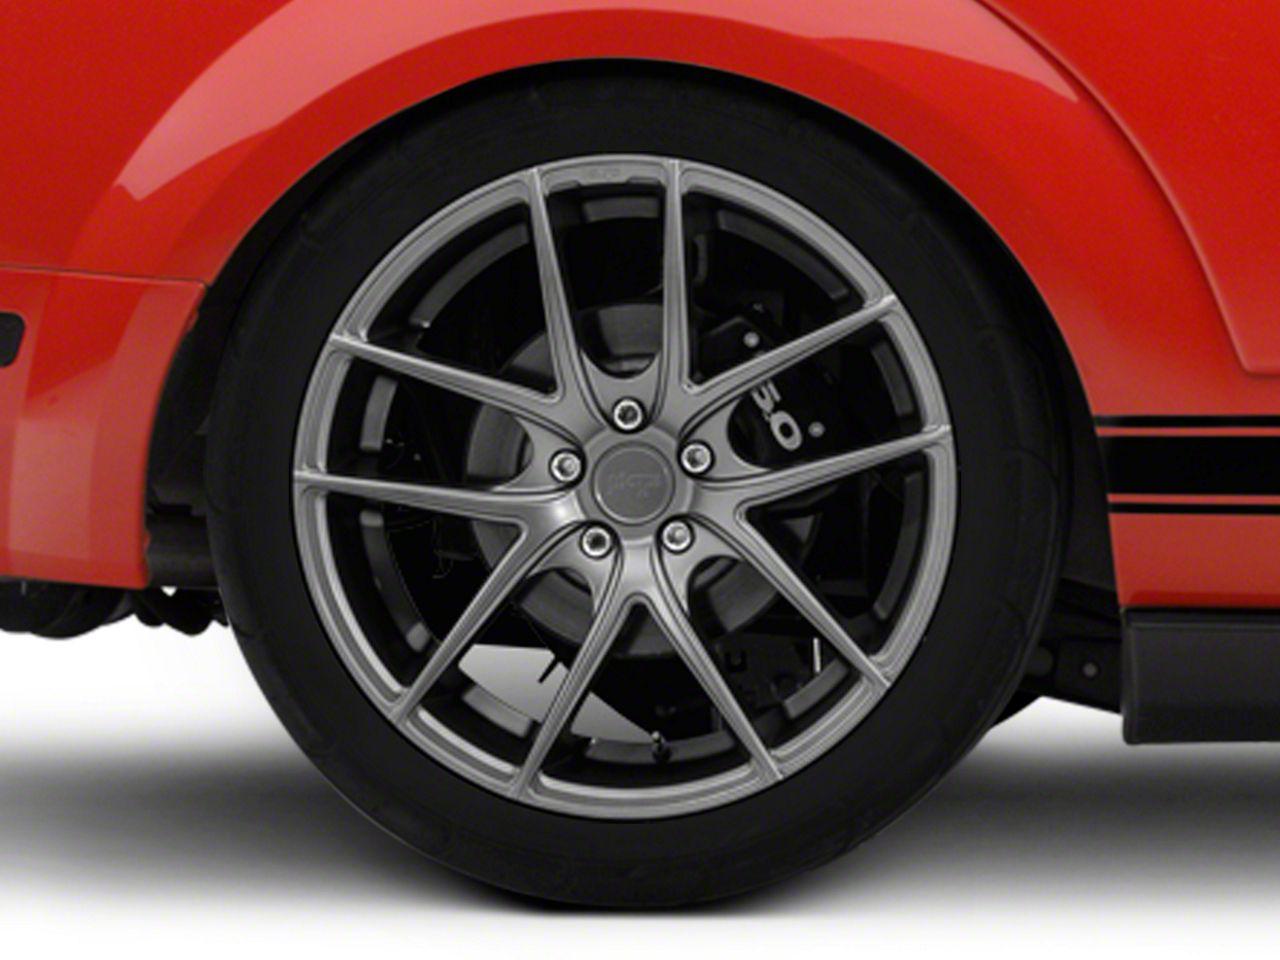 Niche Targa Matte Anthracite Wheel - 20x10 - Rear Only (05-14 All)